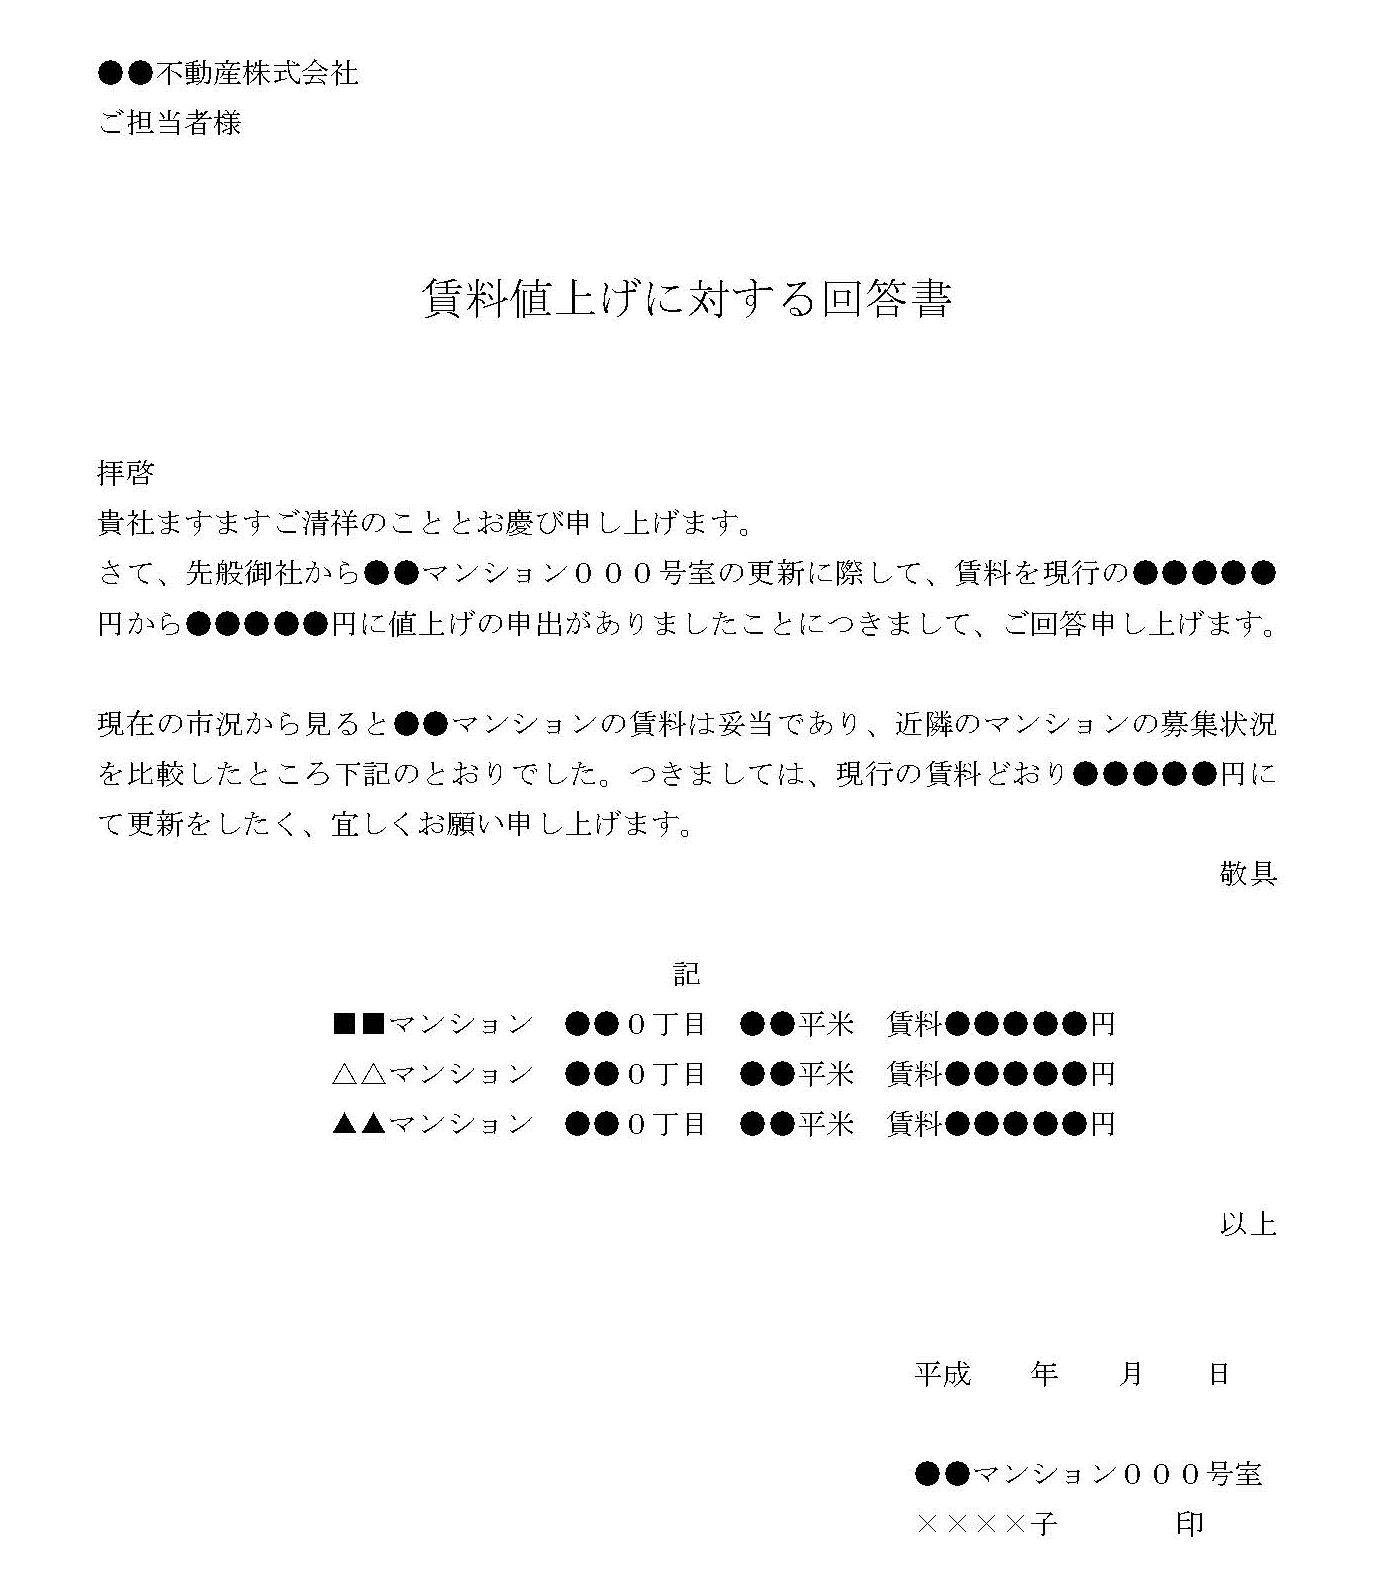 回答書(賃料値上げに対する)